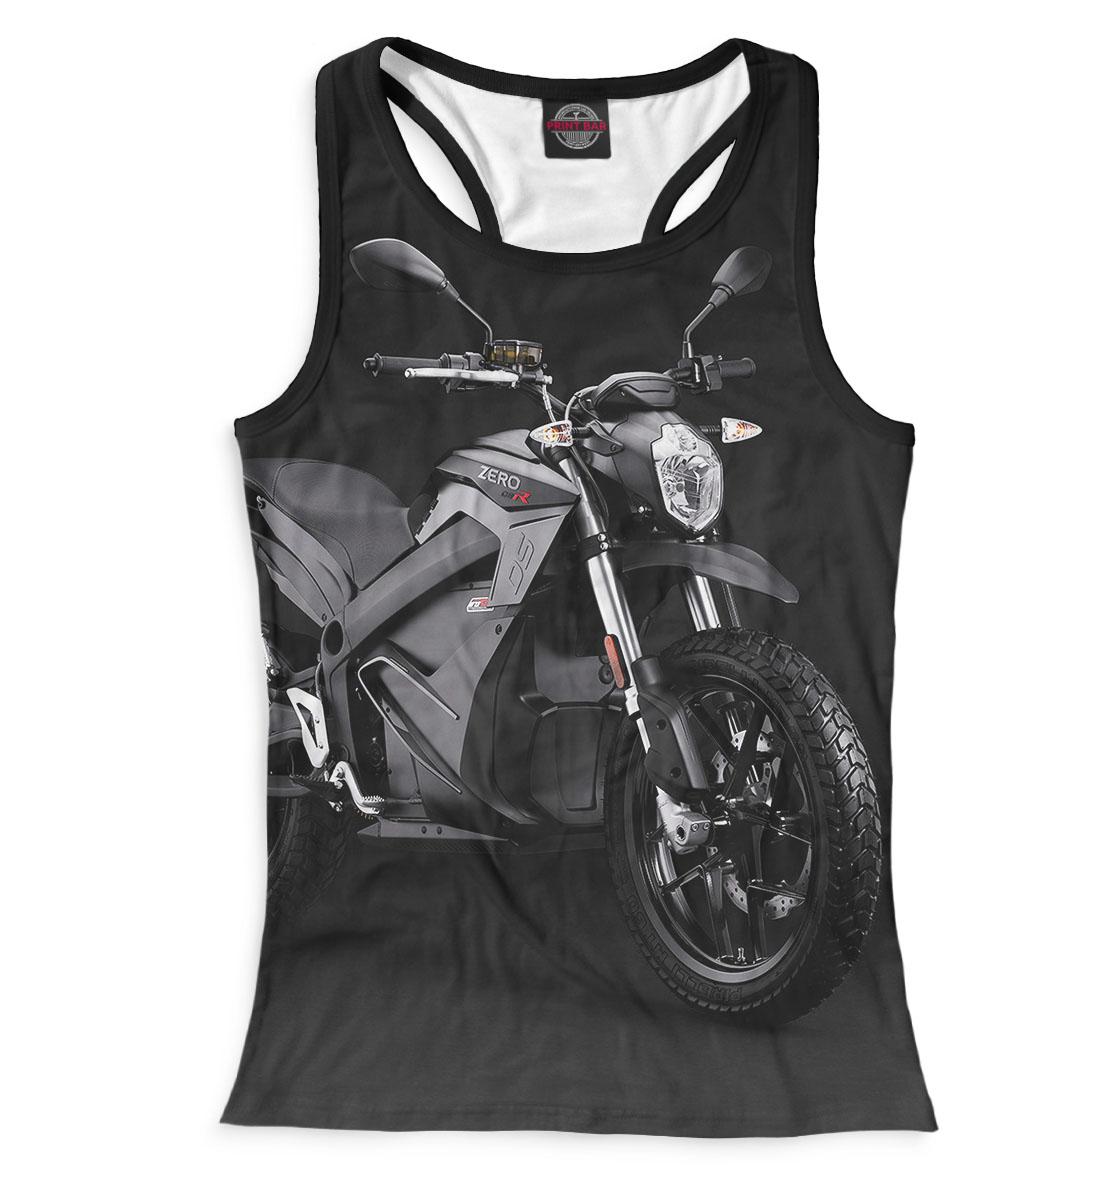 Купить Мотоцикл, Printbar, Майки борцовки, MTR-442599-mayb-1